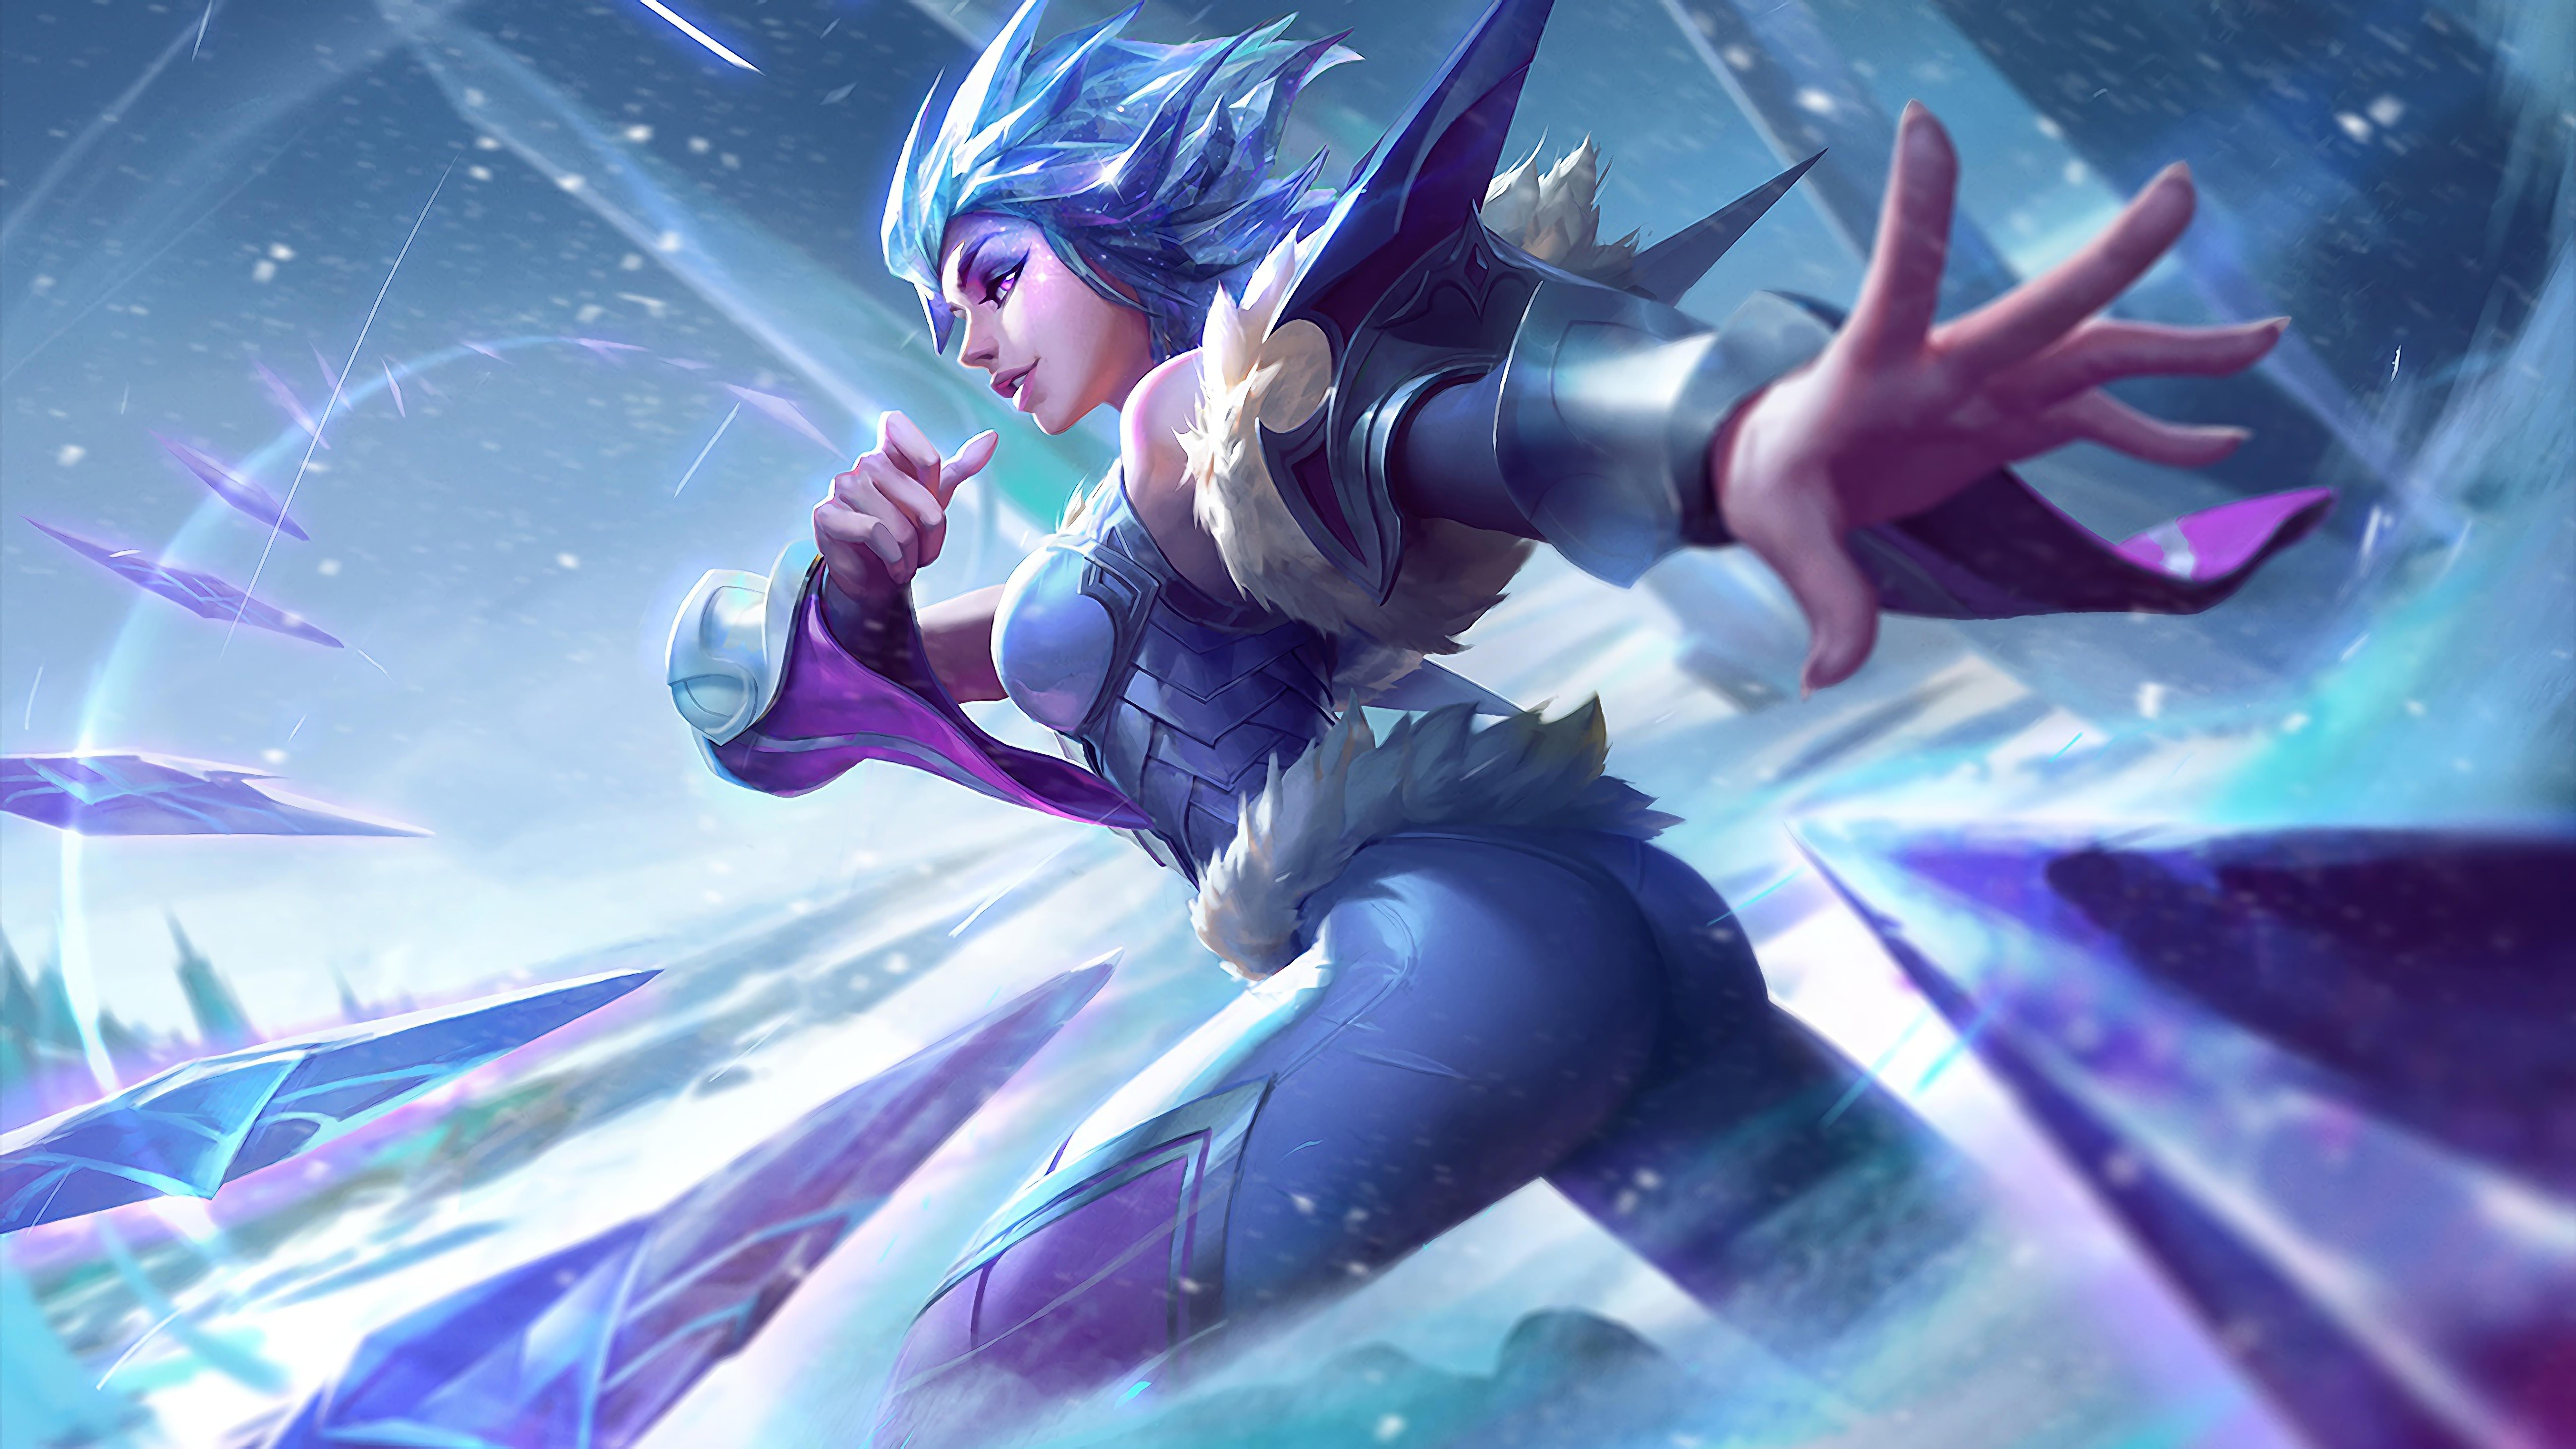 frostblade irelia lol splash art update tweak league of legends 1574103204 - Frostblade Irelia LoL Splash Art Update Tweak League of Legends - league of legends, Irelia